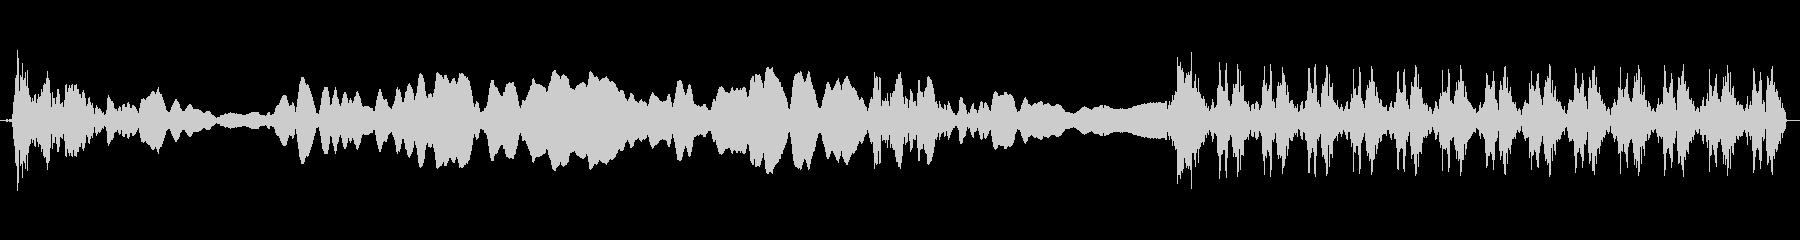 パトカー:インテリア:Wail A...の未再生の波形